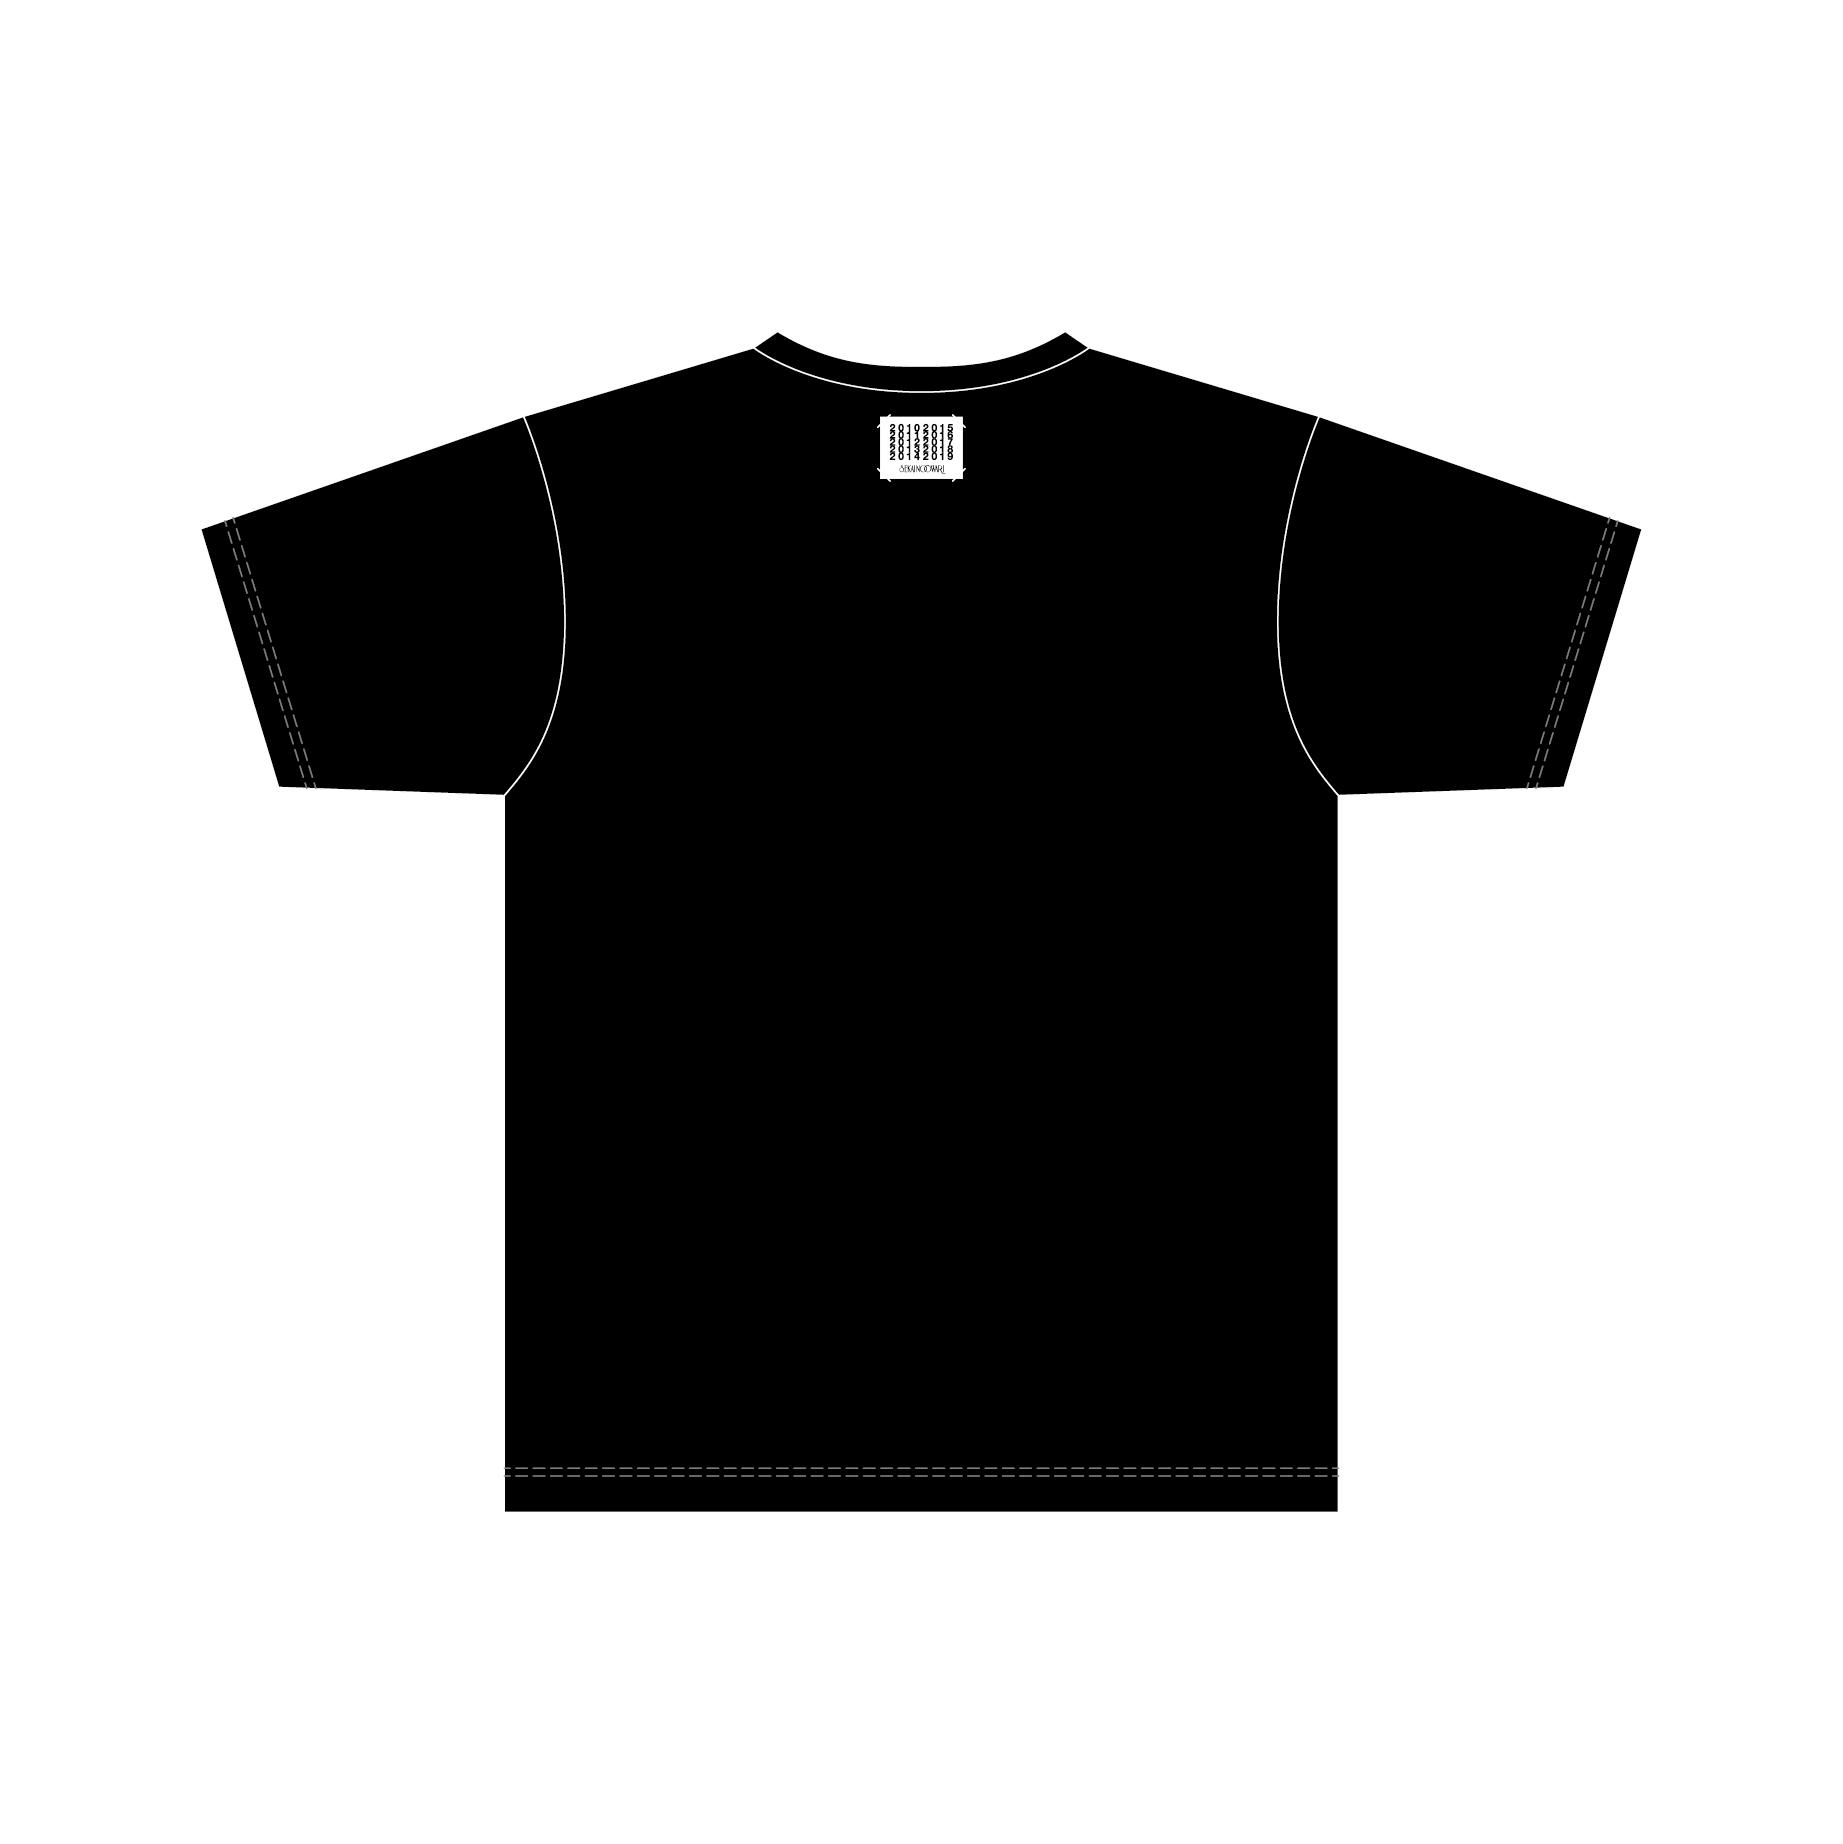 「ベストアルバム発売記念グッズ」Tシャツ(ブラック)Back